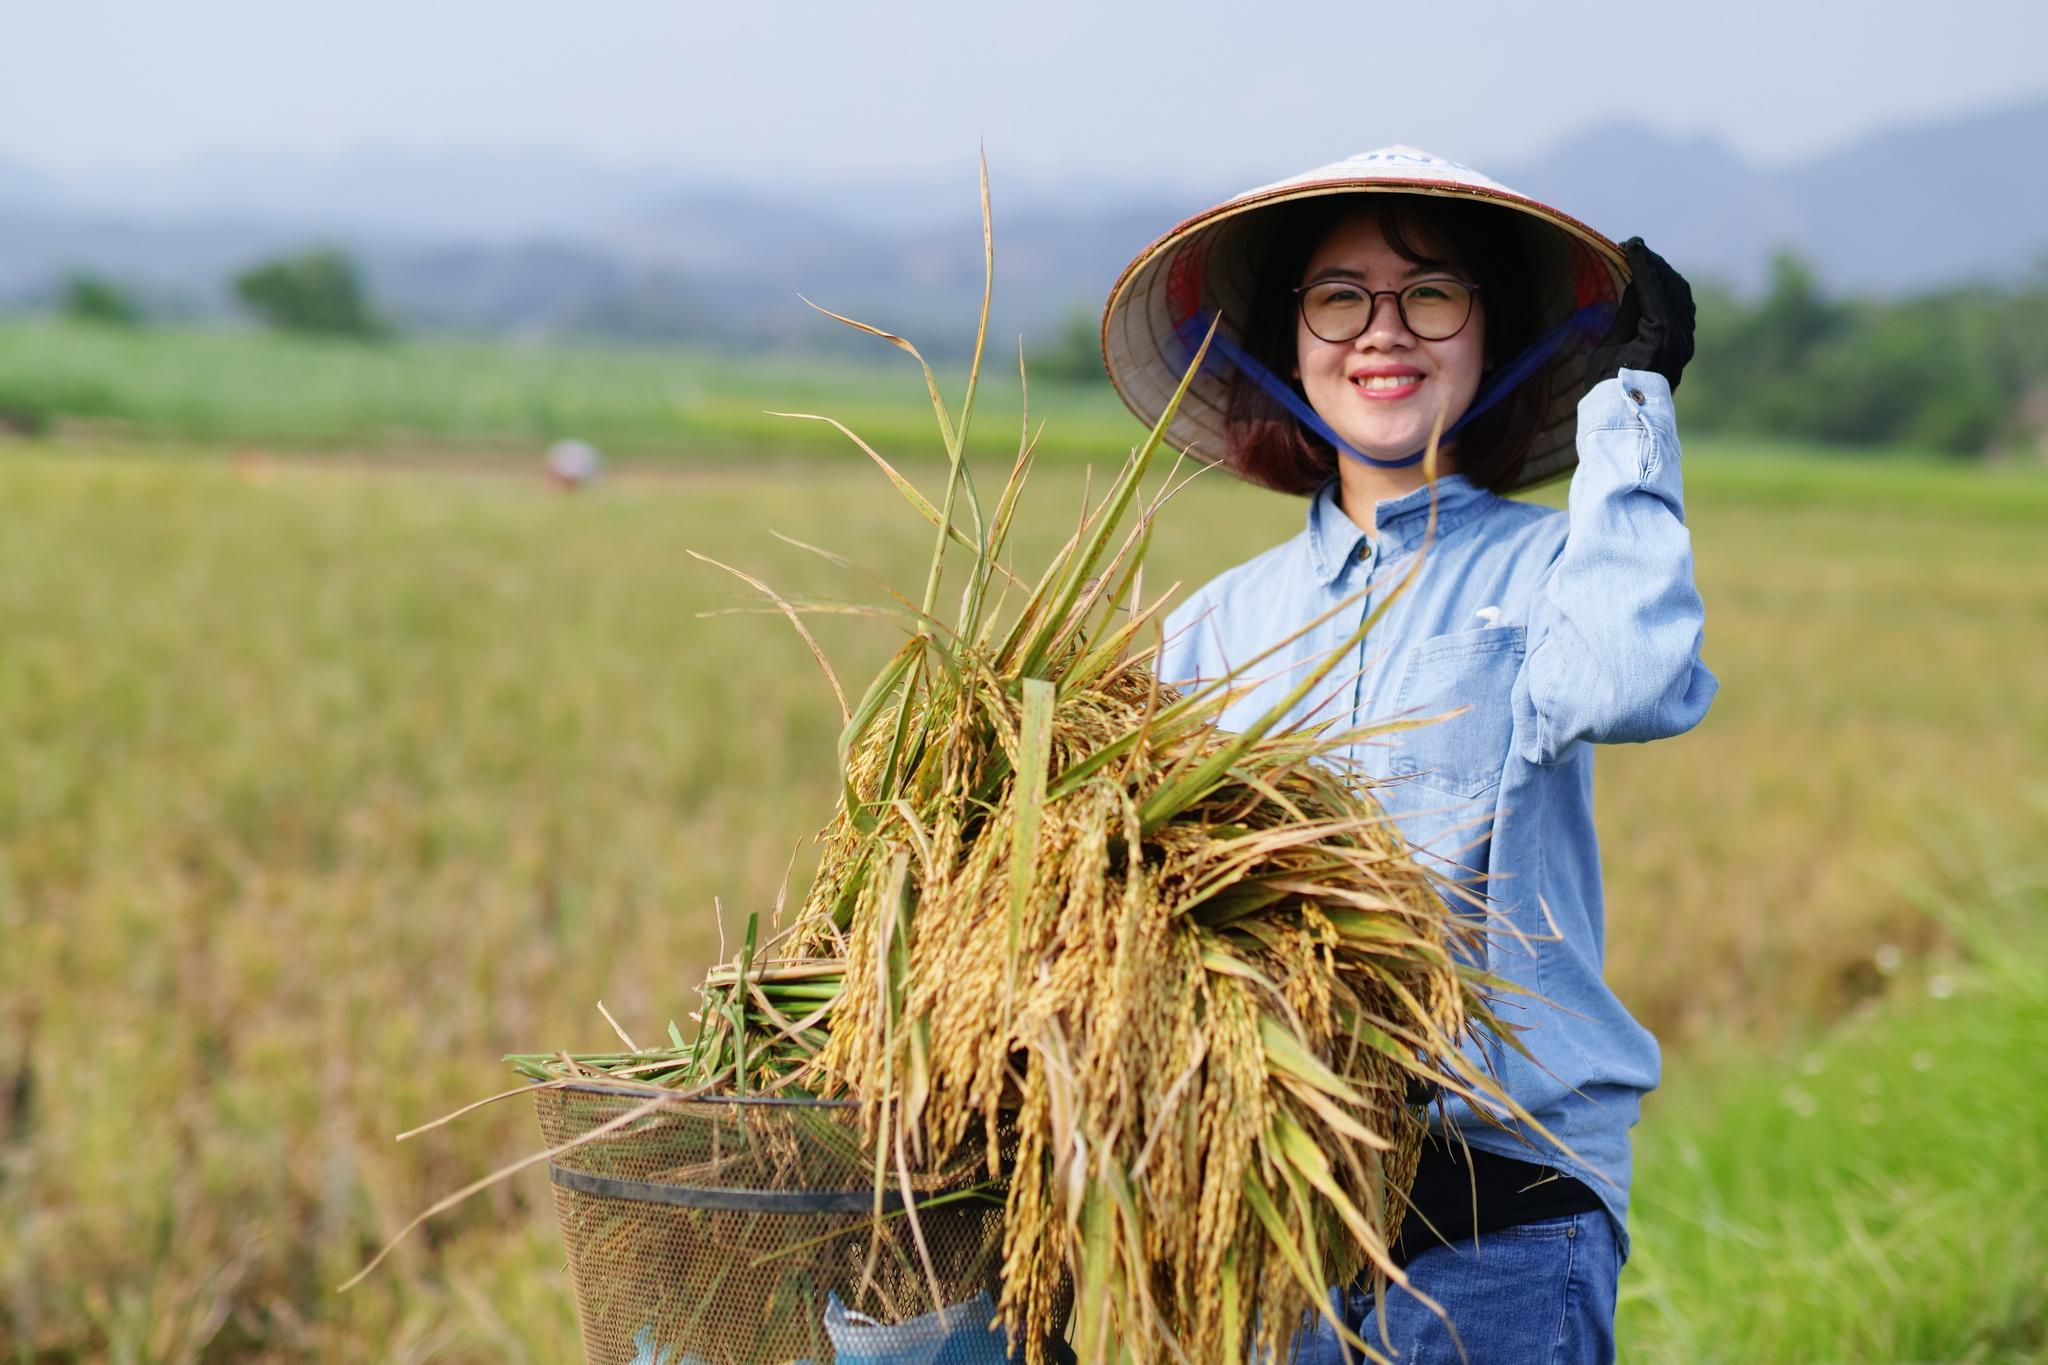 """Chị Nguyễn Kim Quỳnh, cán bộ Hành chính của FUNiX, xúc động: """"Cảm giác được hít hà hương lúa trong không khí trong lành rất thích. Từ hoạt động lần này, mỗi người nhìn thấy được vẻ đẹp của lao động. Tôi hy vọng trong tuổi mới, FUNiX sẽ thành công hơn nữa""""."""